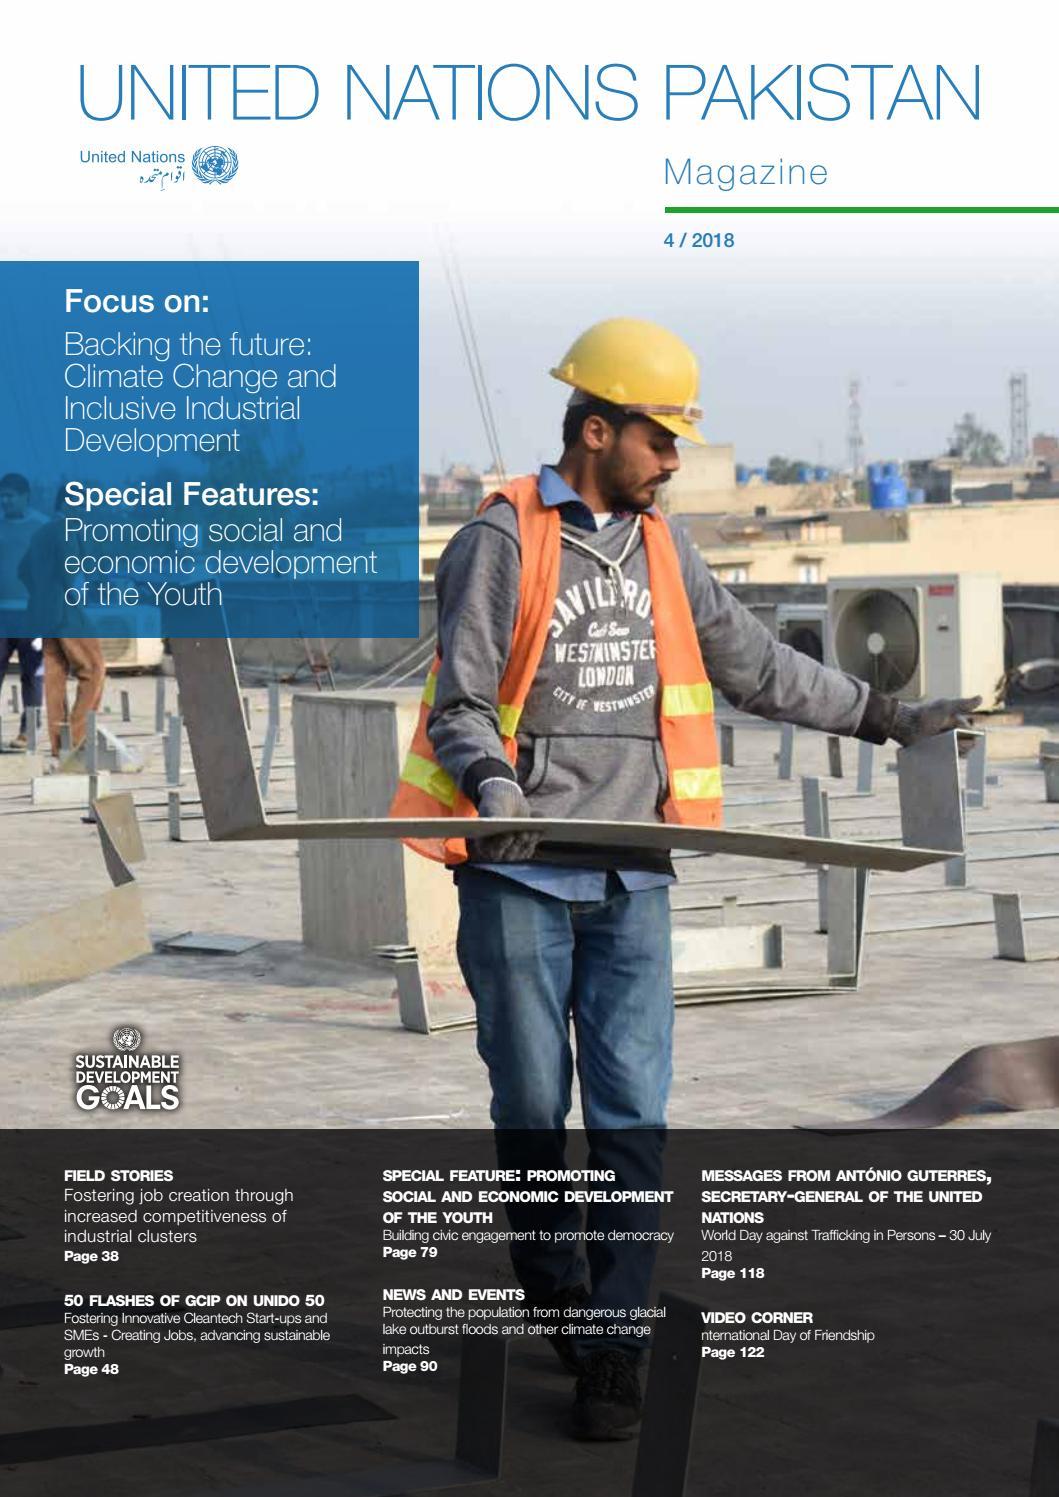 UN Magazine : Issue 4/2018 by UN Information Centre Pakistan